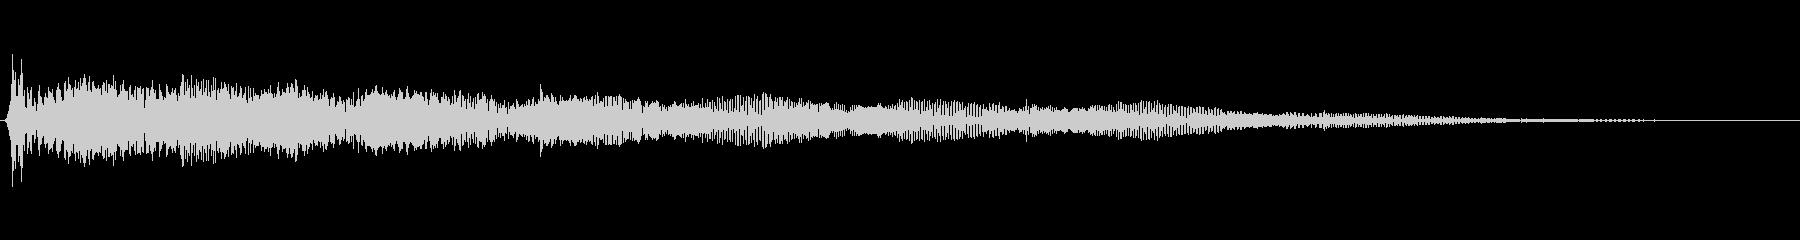 アニメ的ほのぼの系汗汗(あせあせ)音の未再生の波形